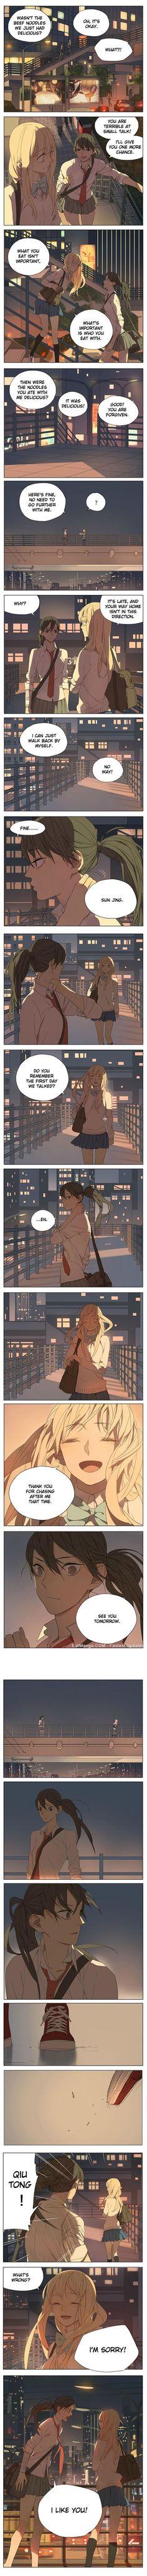 Tamen Di Gushi 81 http://mangafox.me/manga/tamen_de_gushi/c081/1.html